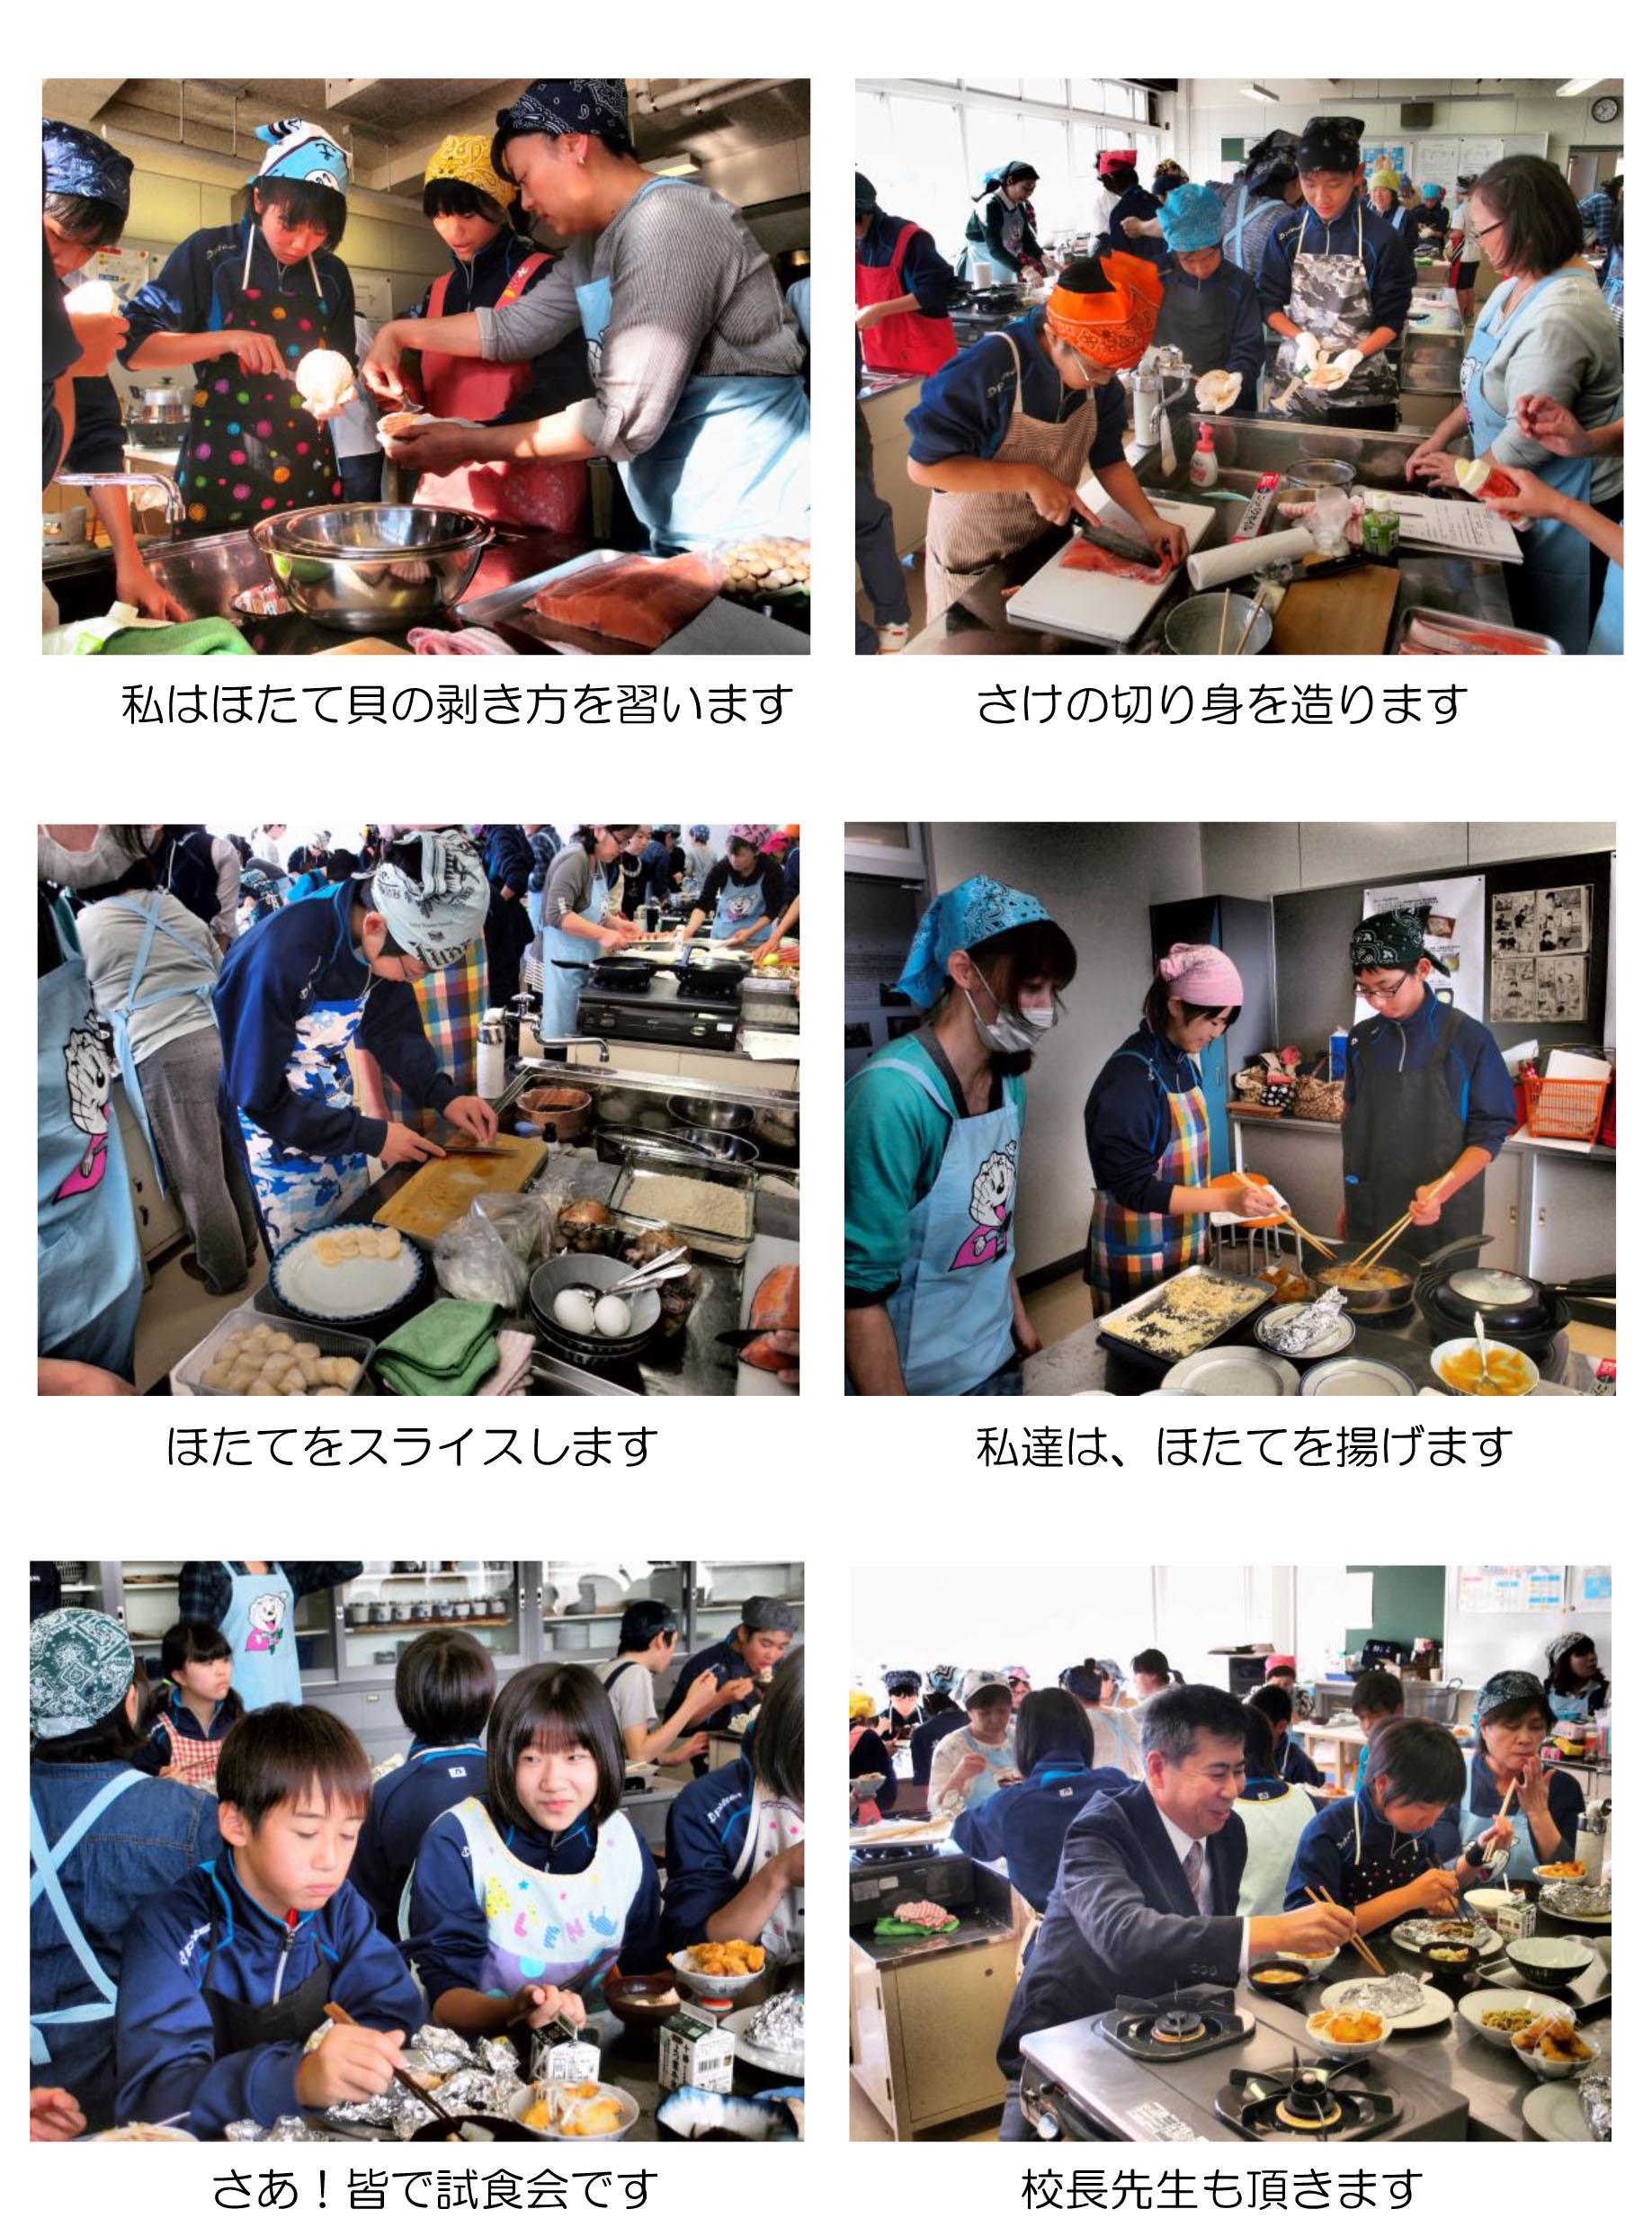 本会・北見管内女性部との共催で「お魚普及調理講習会」を開催-2